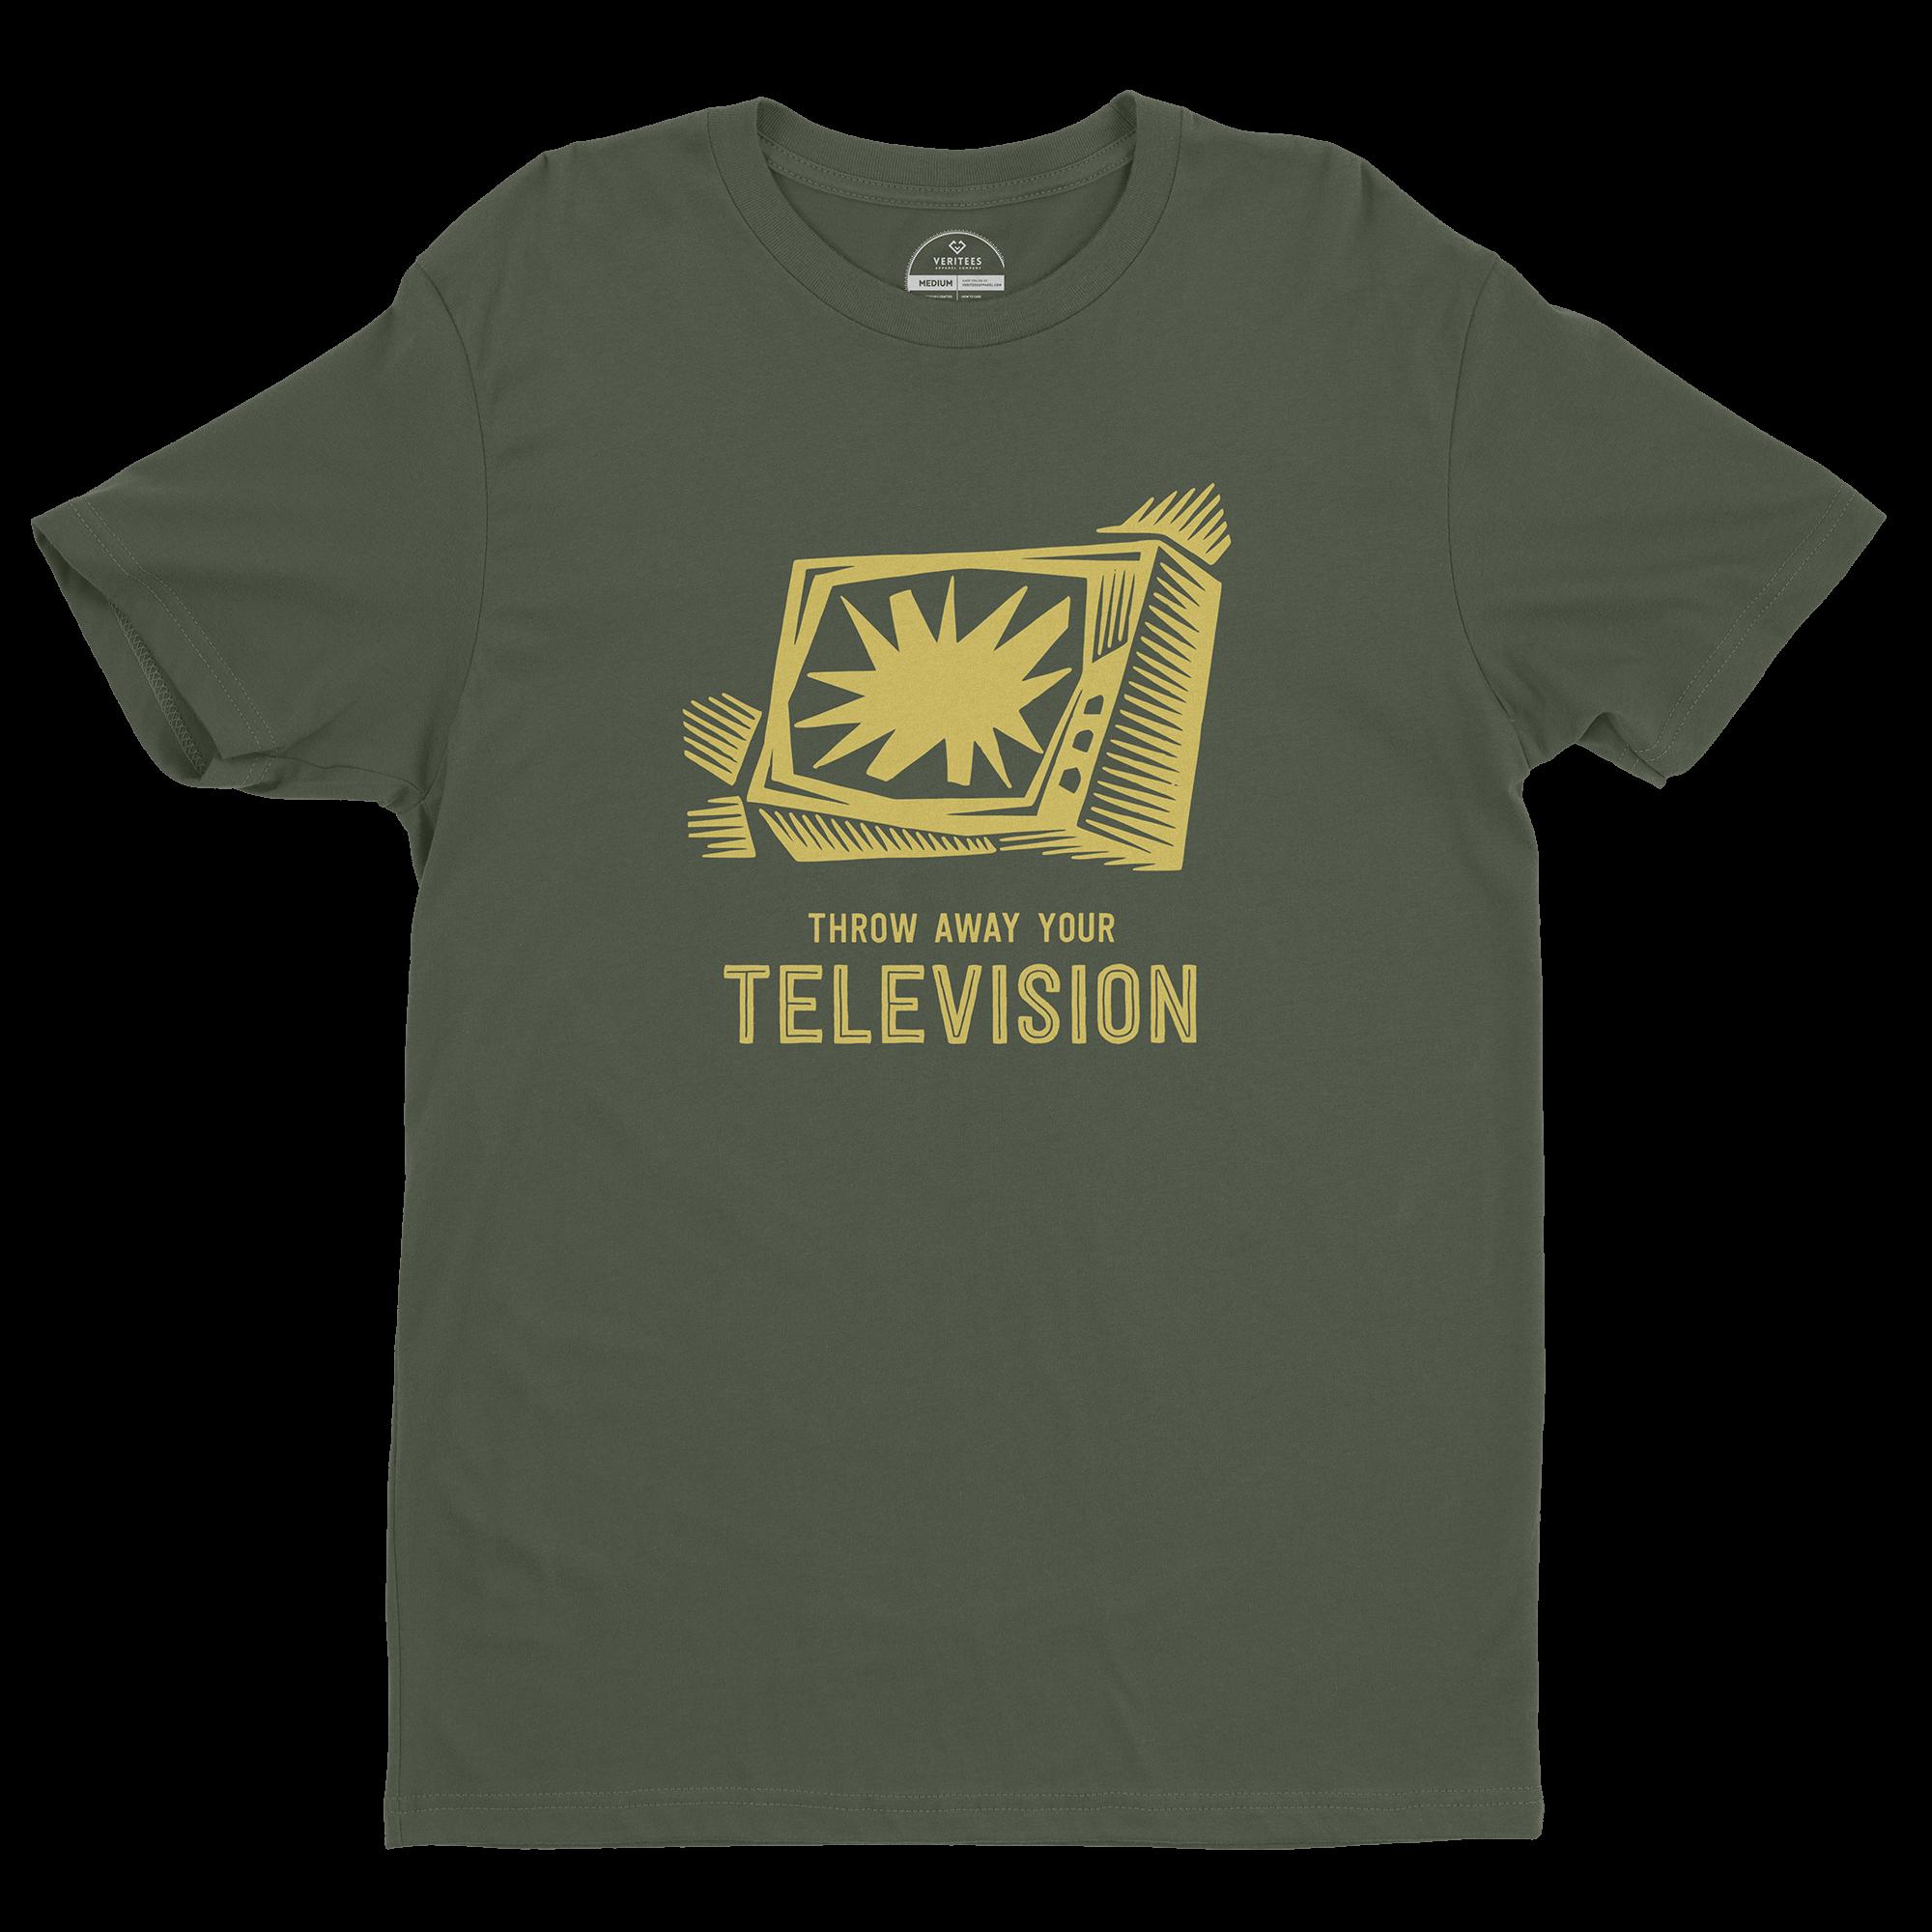 Throw Away Your TV Tee conspiracy t-shirt